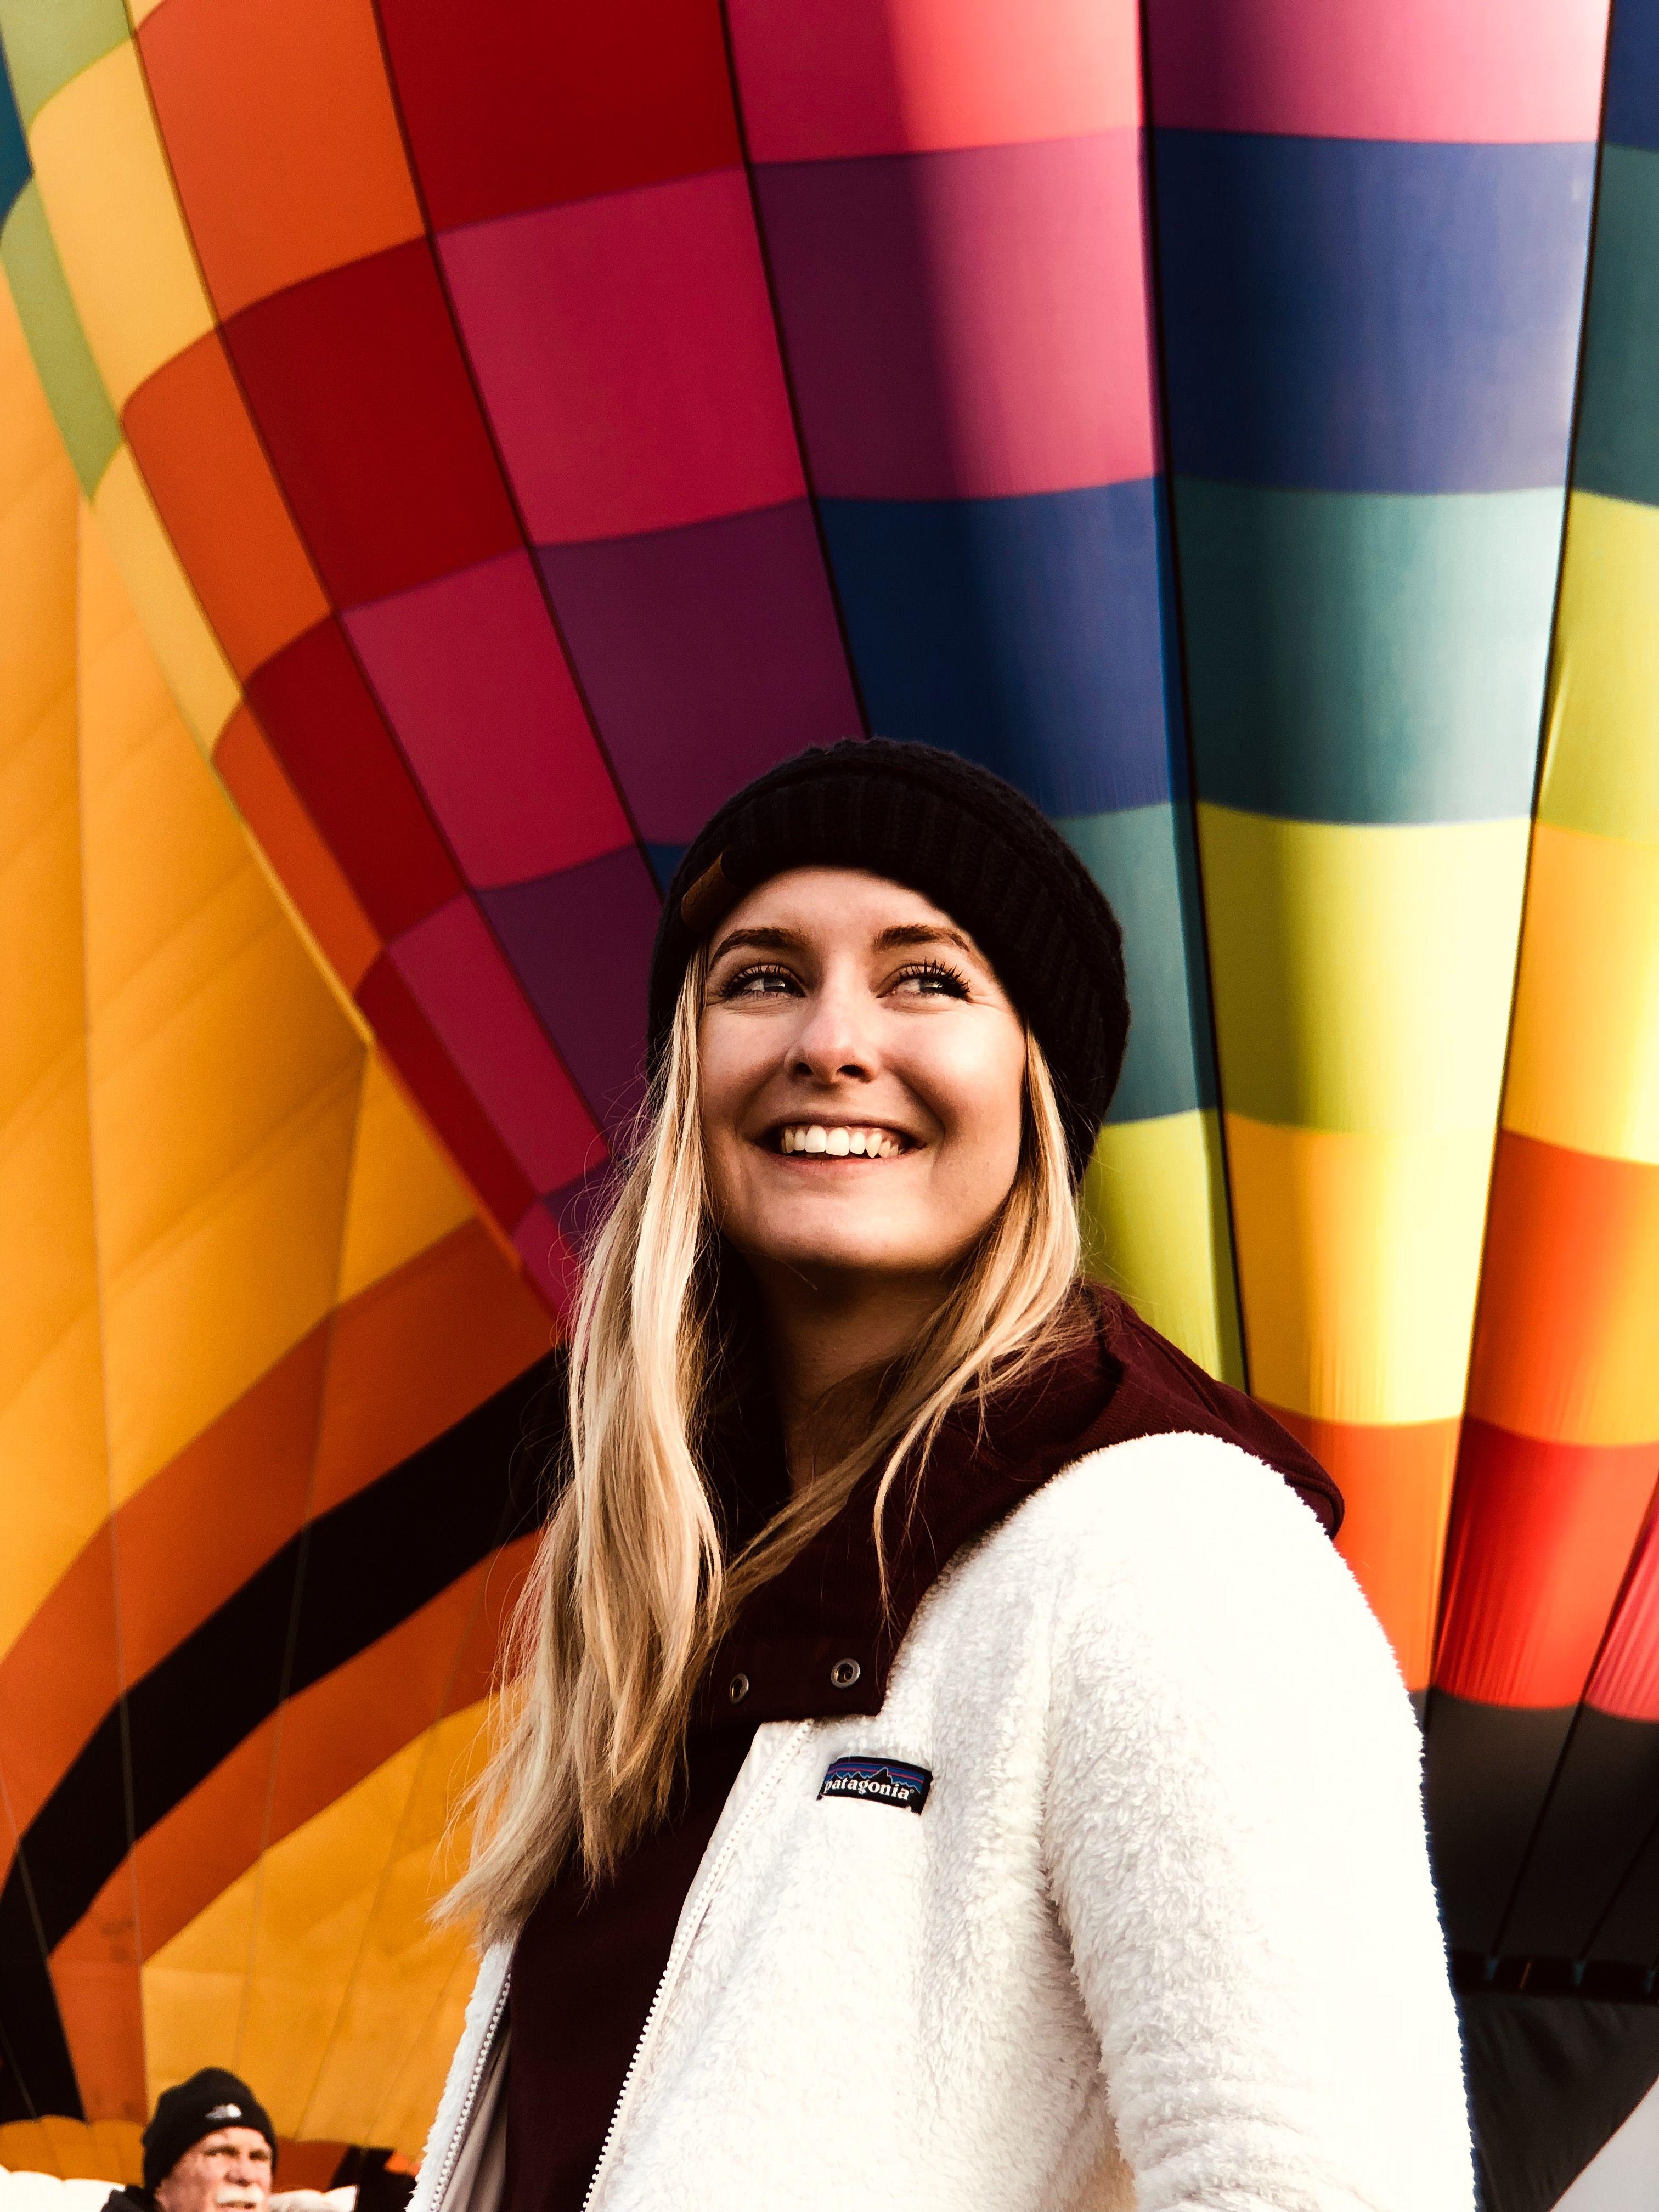 Albuquerque International Balloon Fiesta Balloon